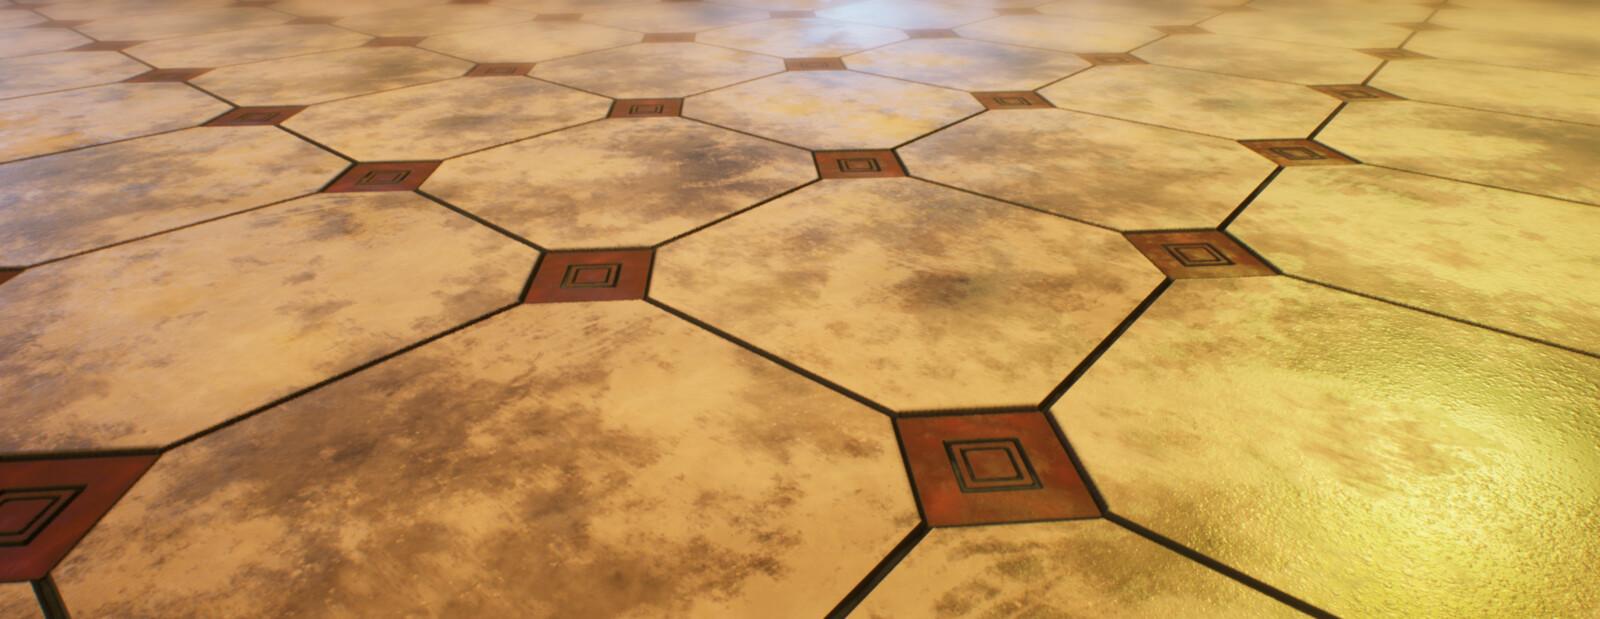 Floor Render in Unreal Engine 4